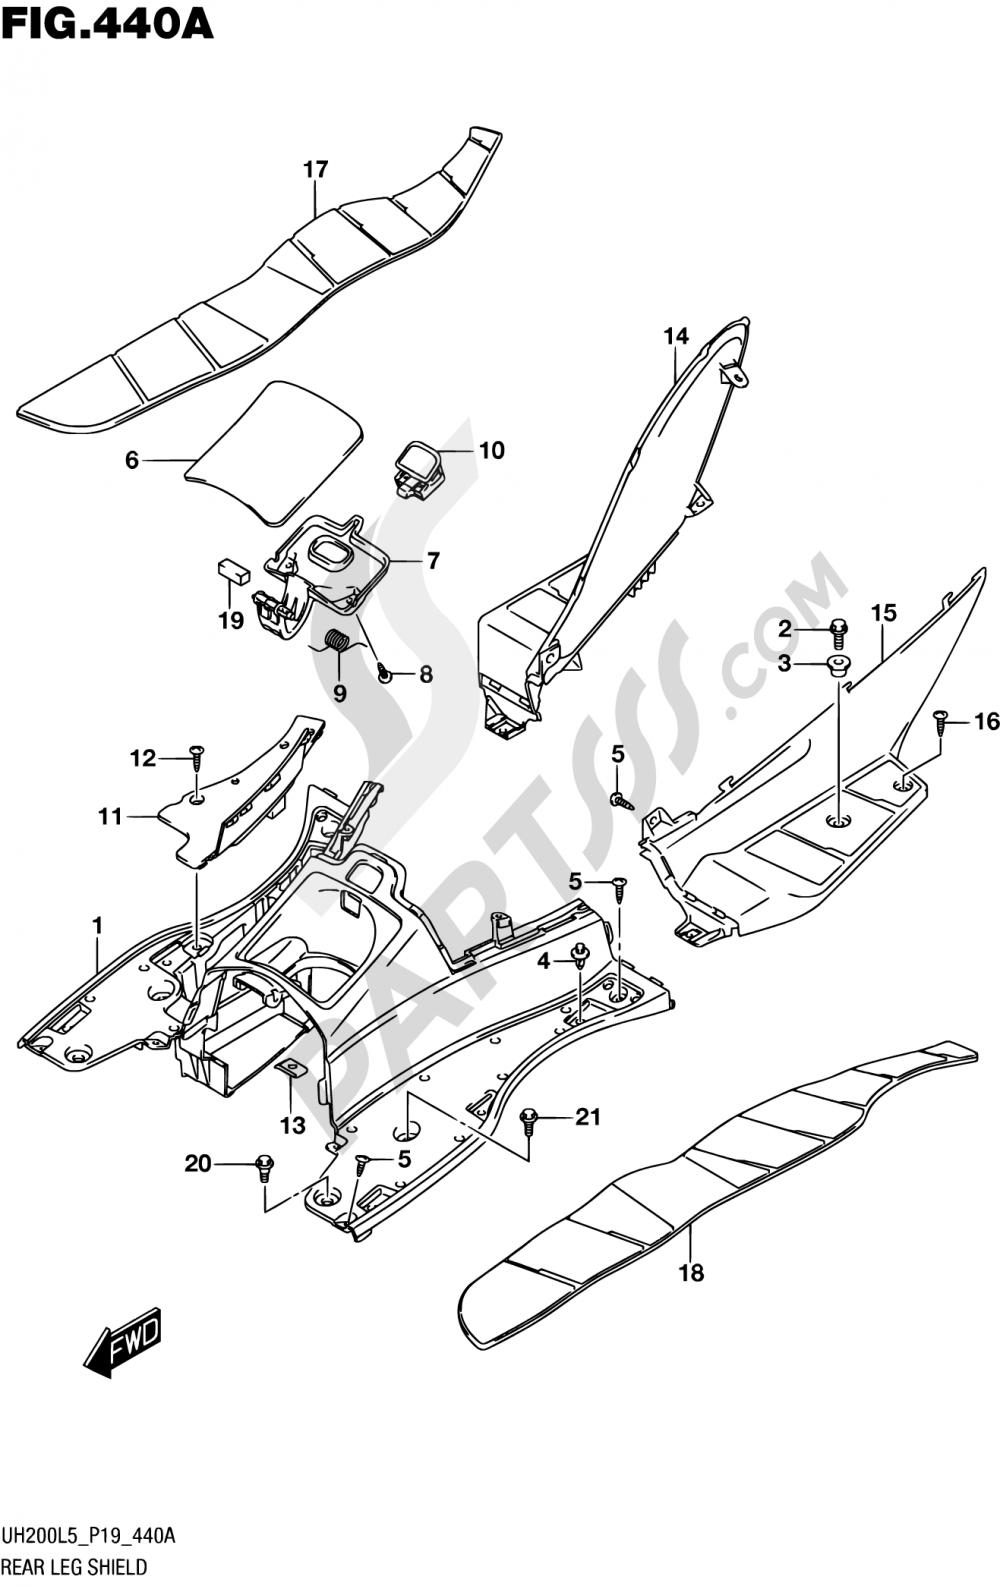 440A - REAR LEG SHIELD Suzuki BURGMAN UH200 2015